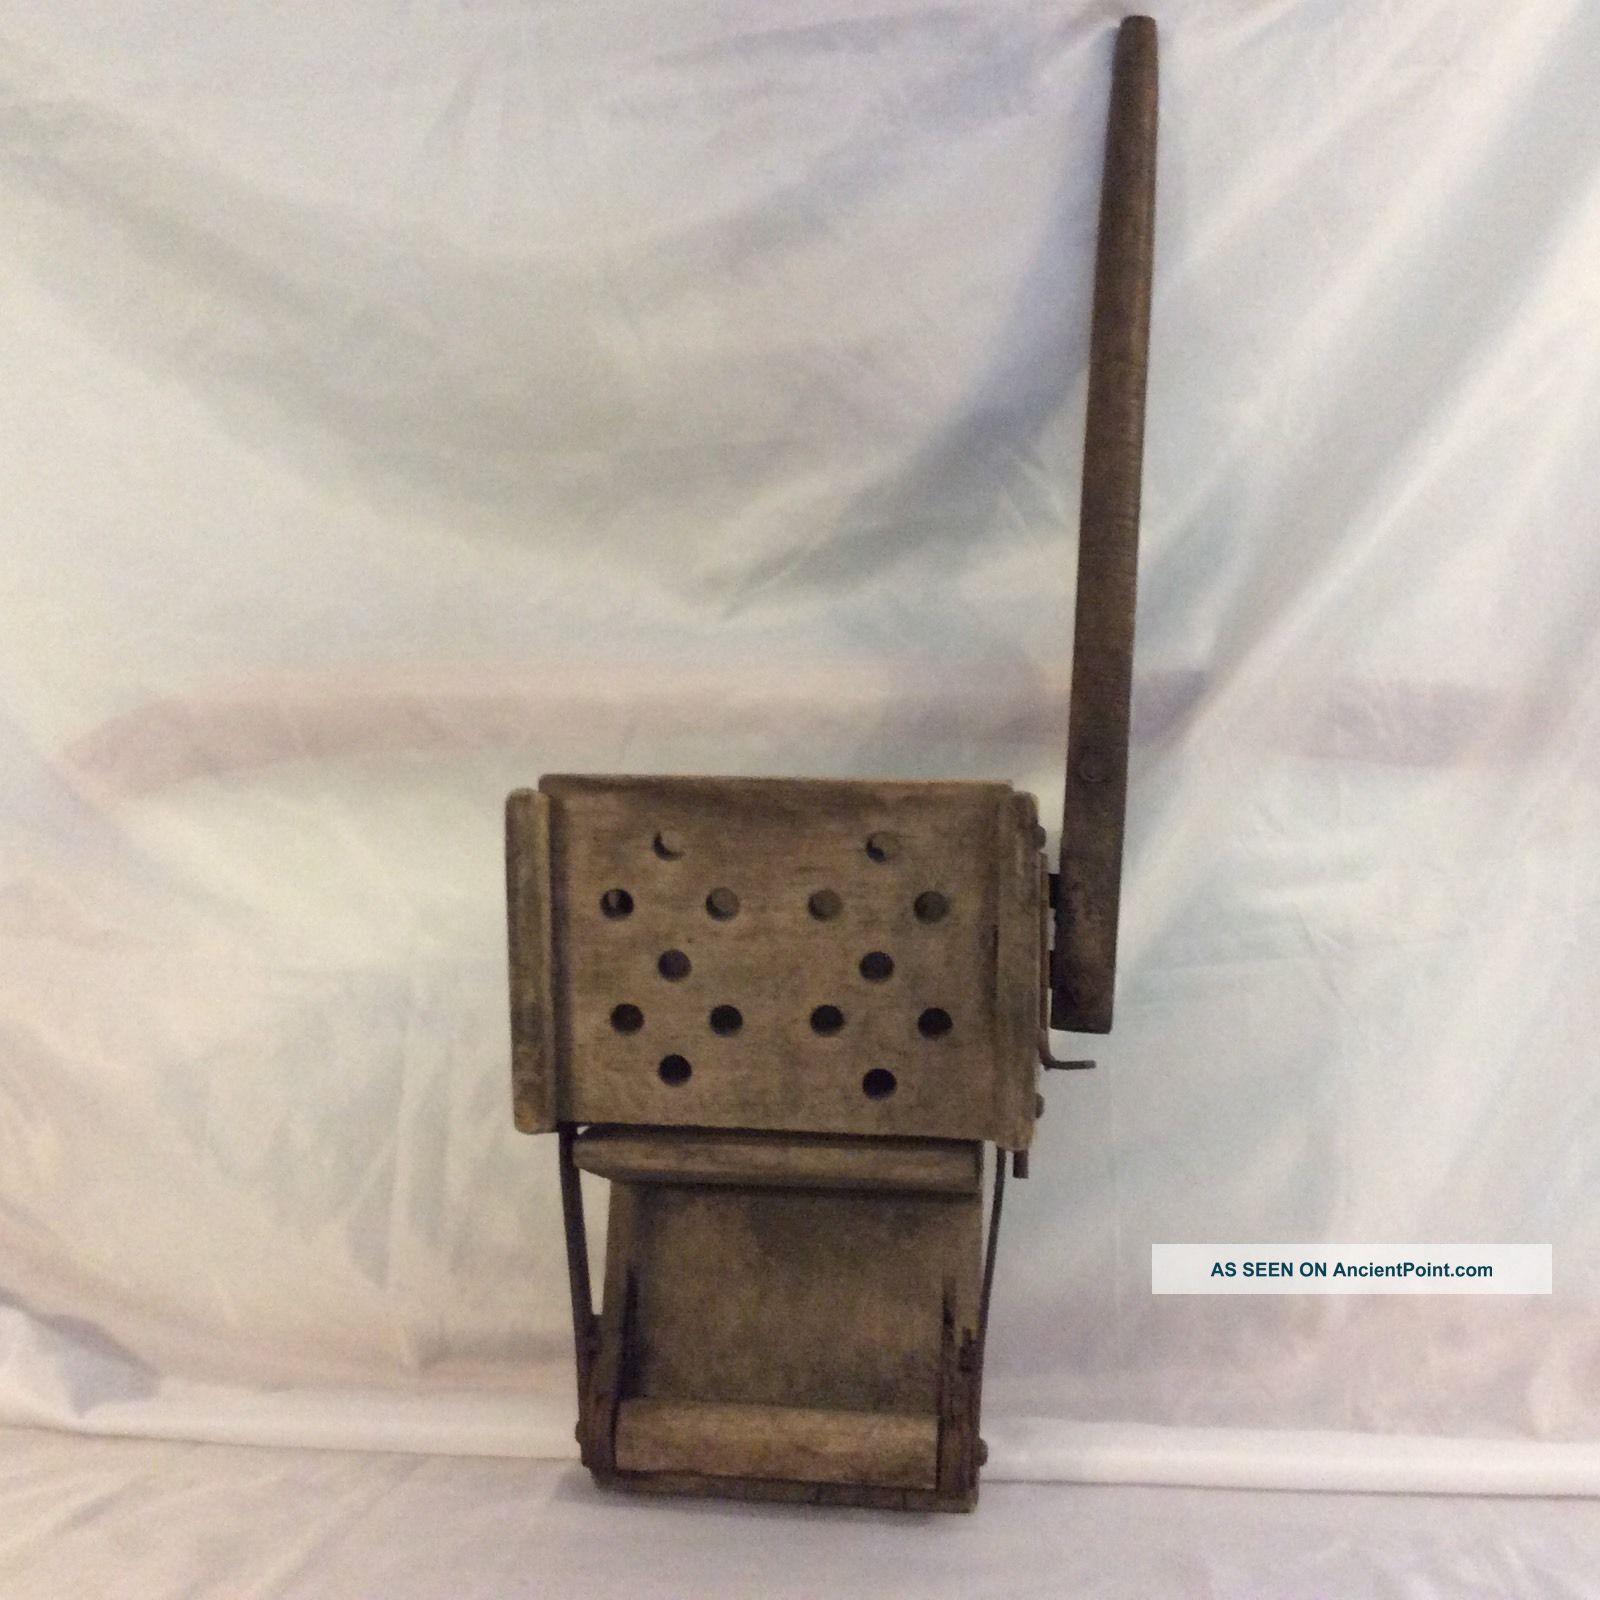 Antique Wooden Mop Wringer Primitive Domestic Appliance / Home Decor Primitives photo